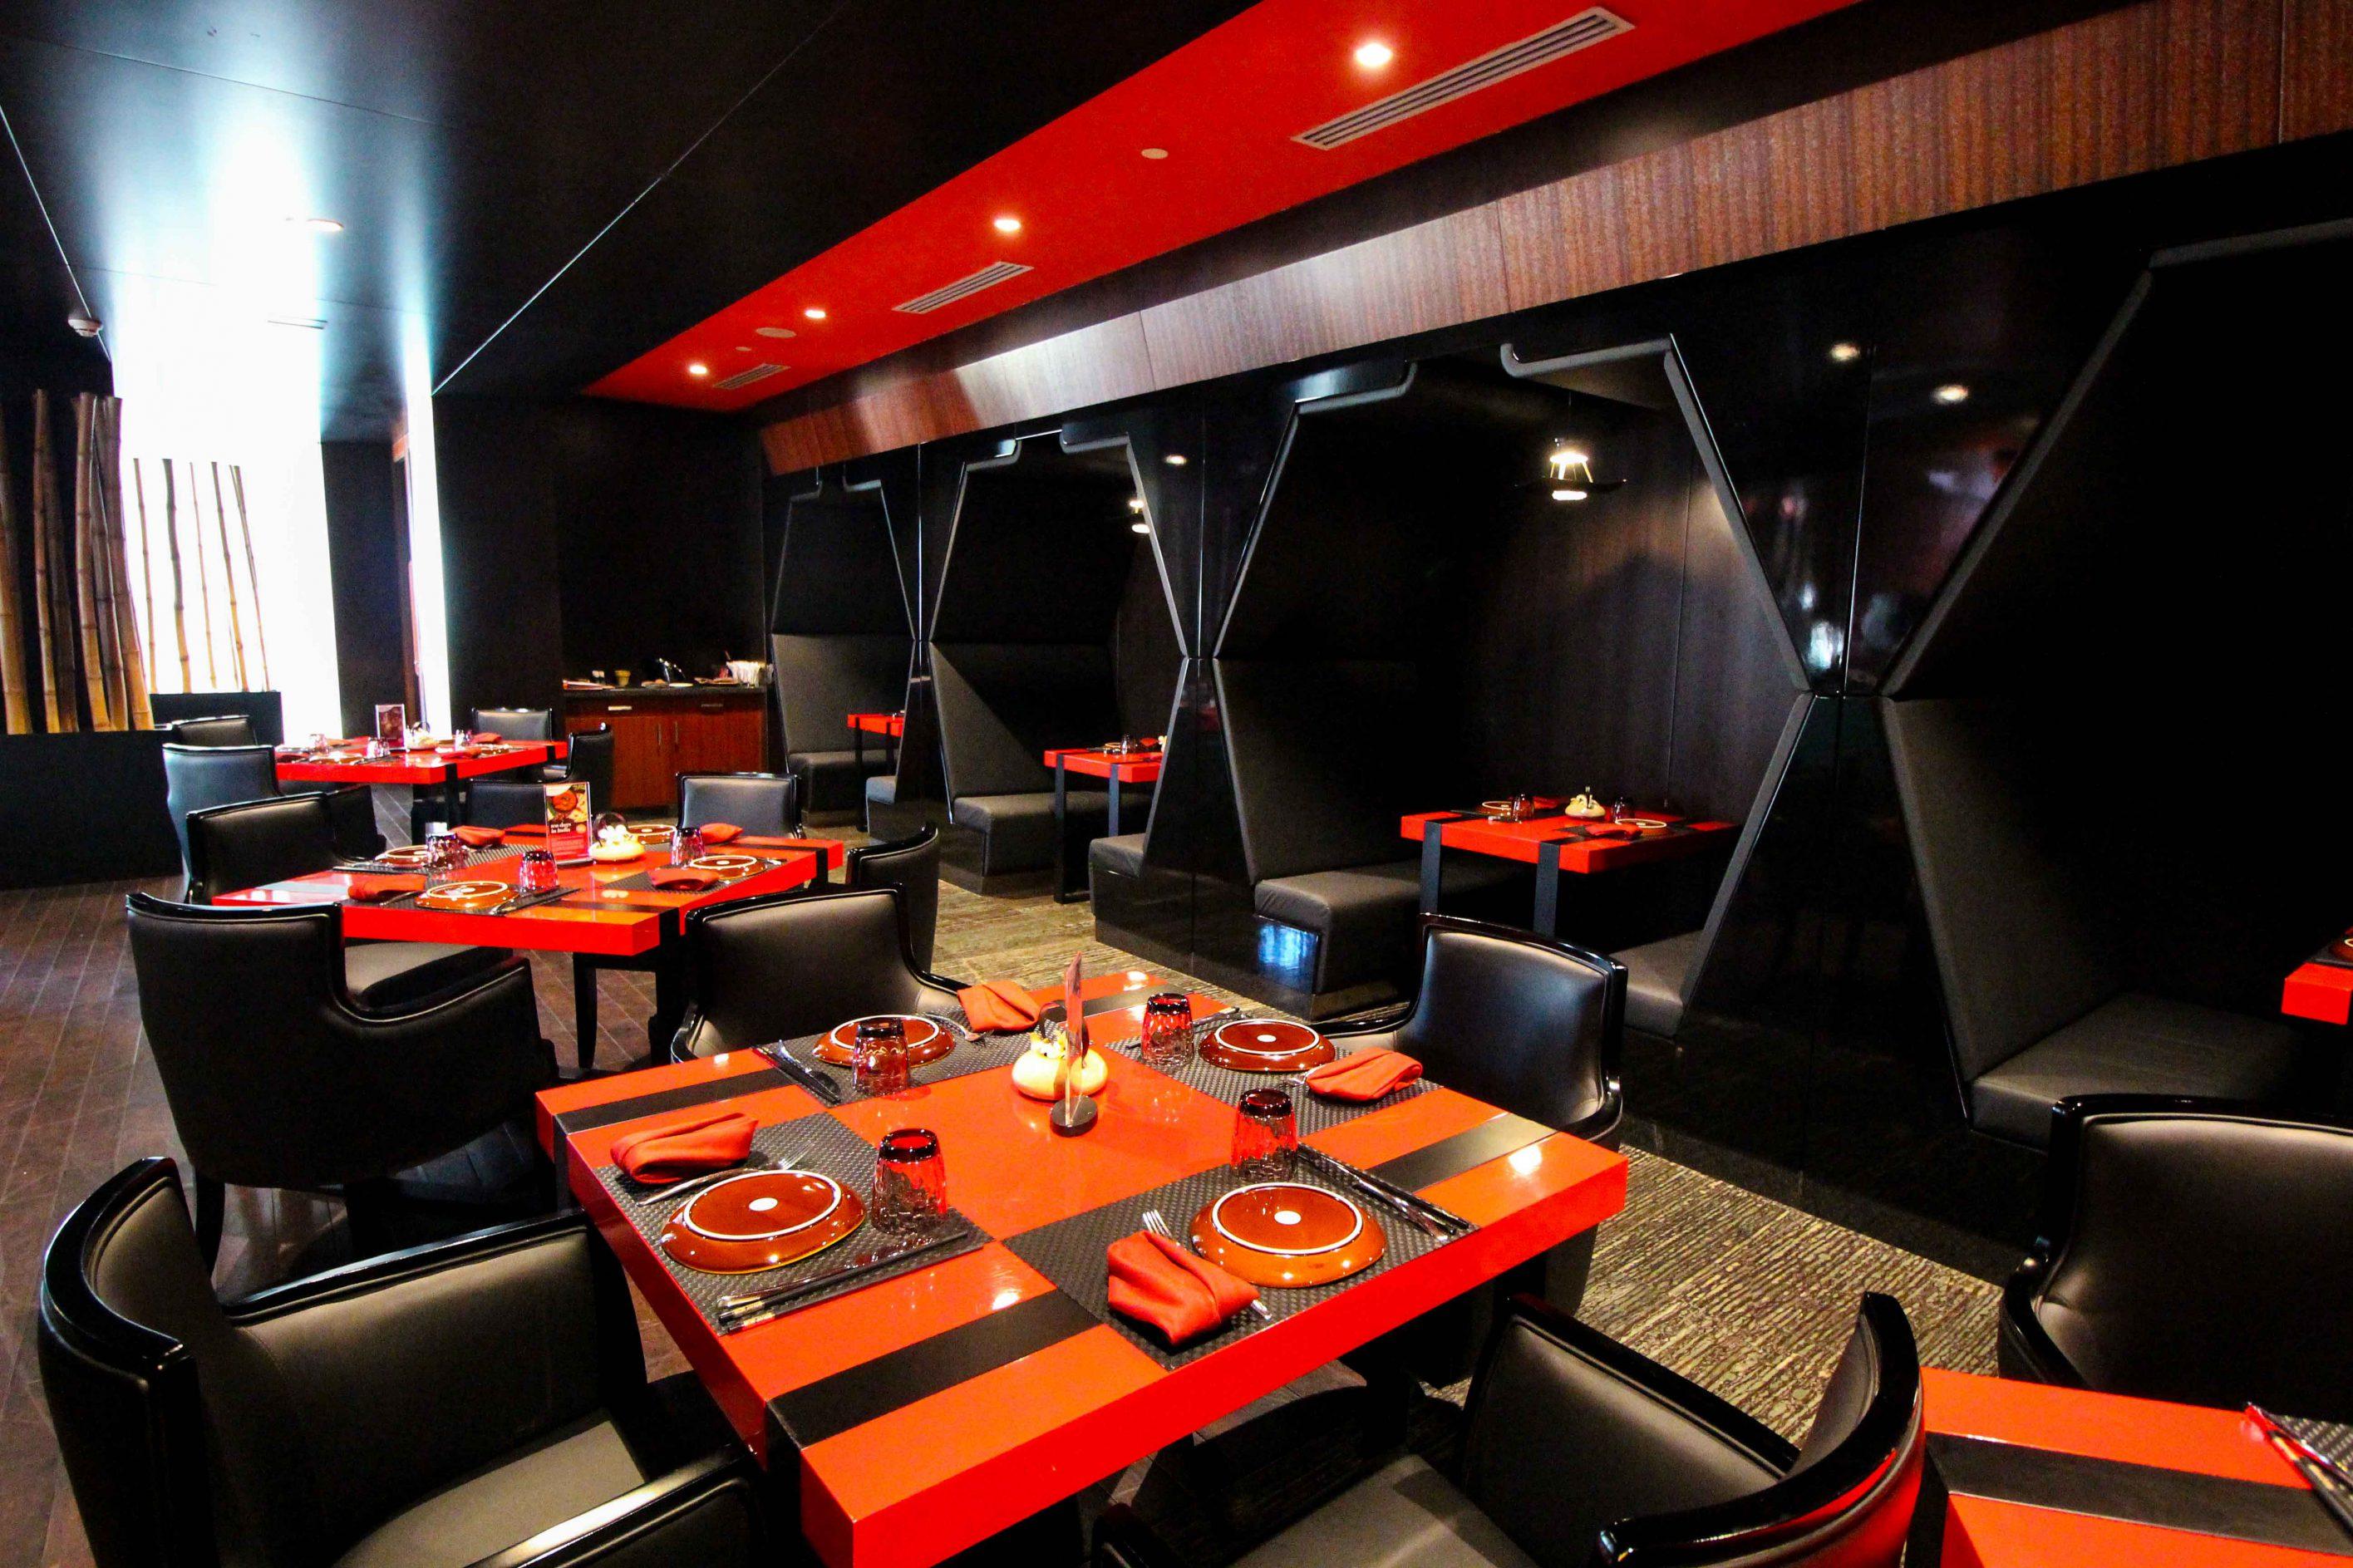 Mövenpick Colombo Hote Restaurant asiatisch Abendessen Reiseblog Brinisfashionbook Hotel Sri Lanka